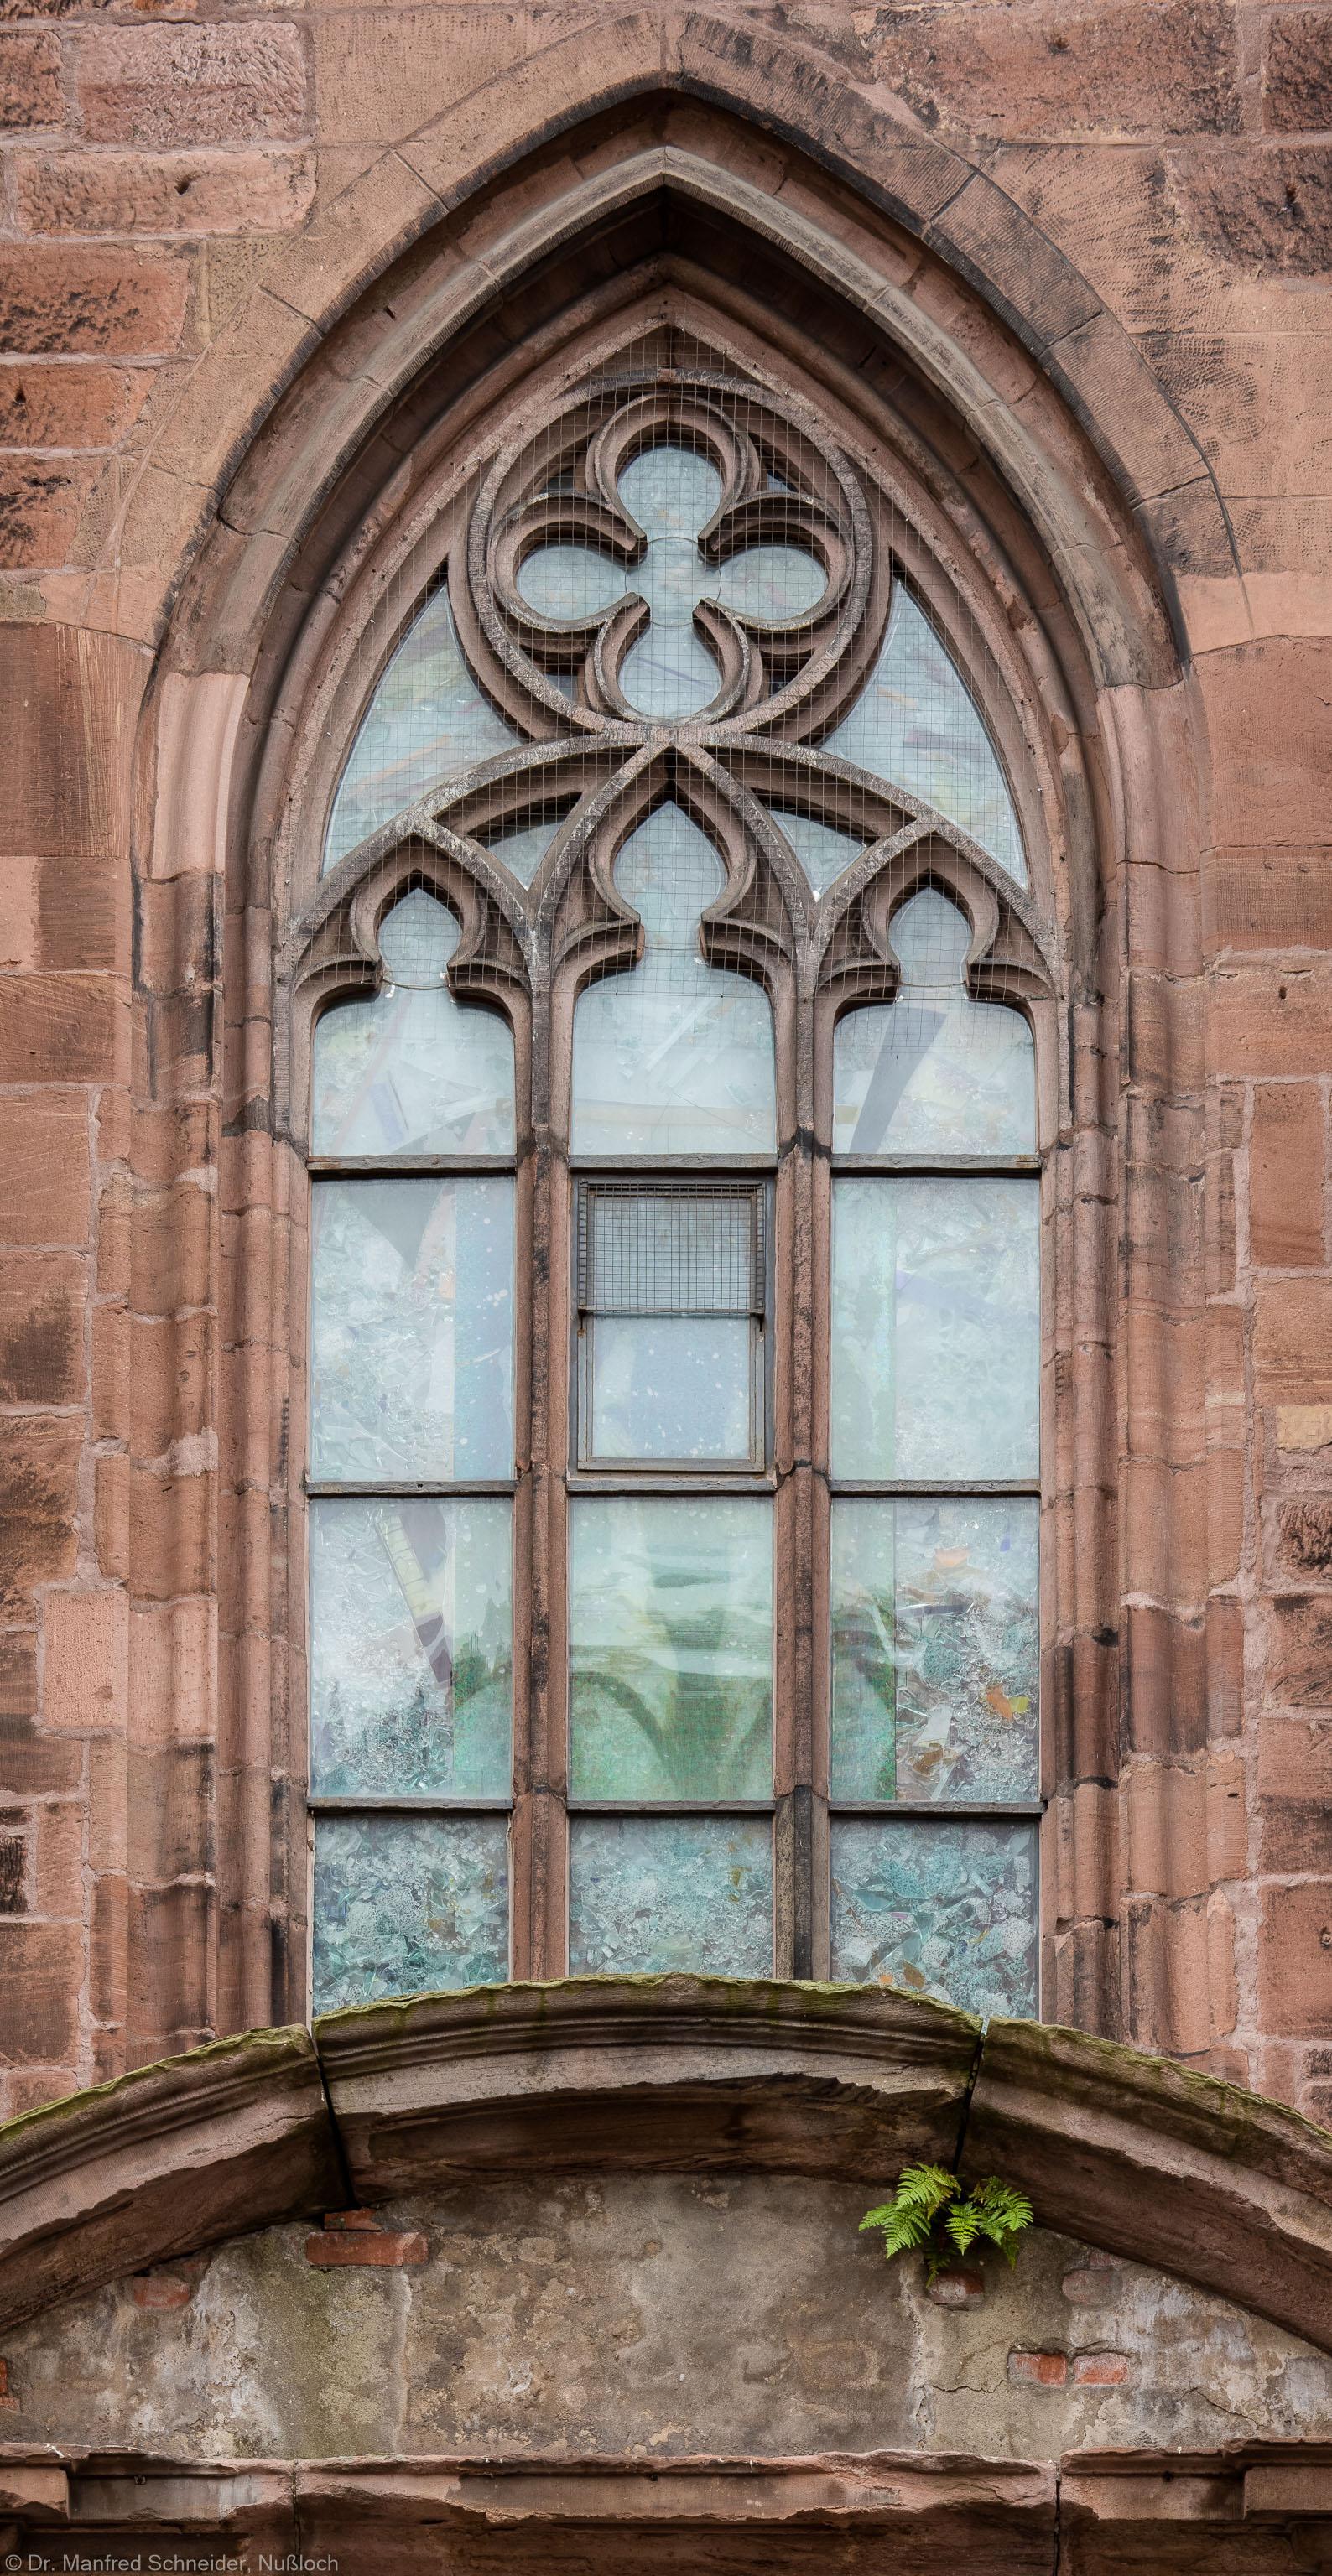 """Heidelberg - Heiliggeistkirche - Nordseite - 3. Fenster des Nordschiffs, von Westen aus gezählt - Blick auf das Fenster """"Schöpfungsgeschichte - Gott sprach: es werde Licht"""" von Hella De Santarossa (aufgenommen im Oktober 2015, am späten Vormittag)"""